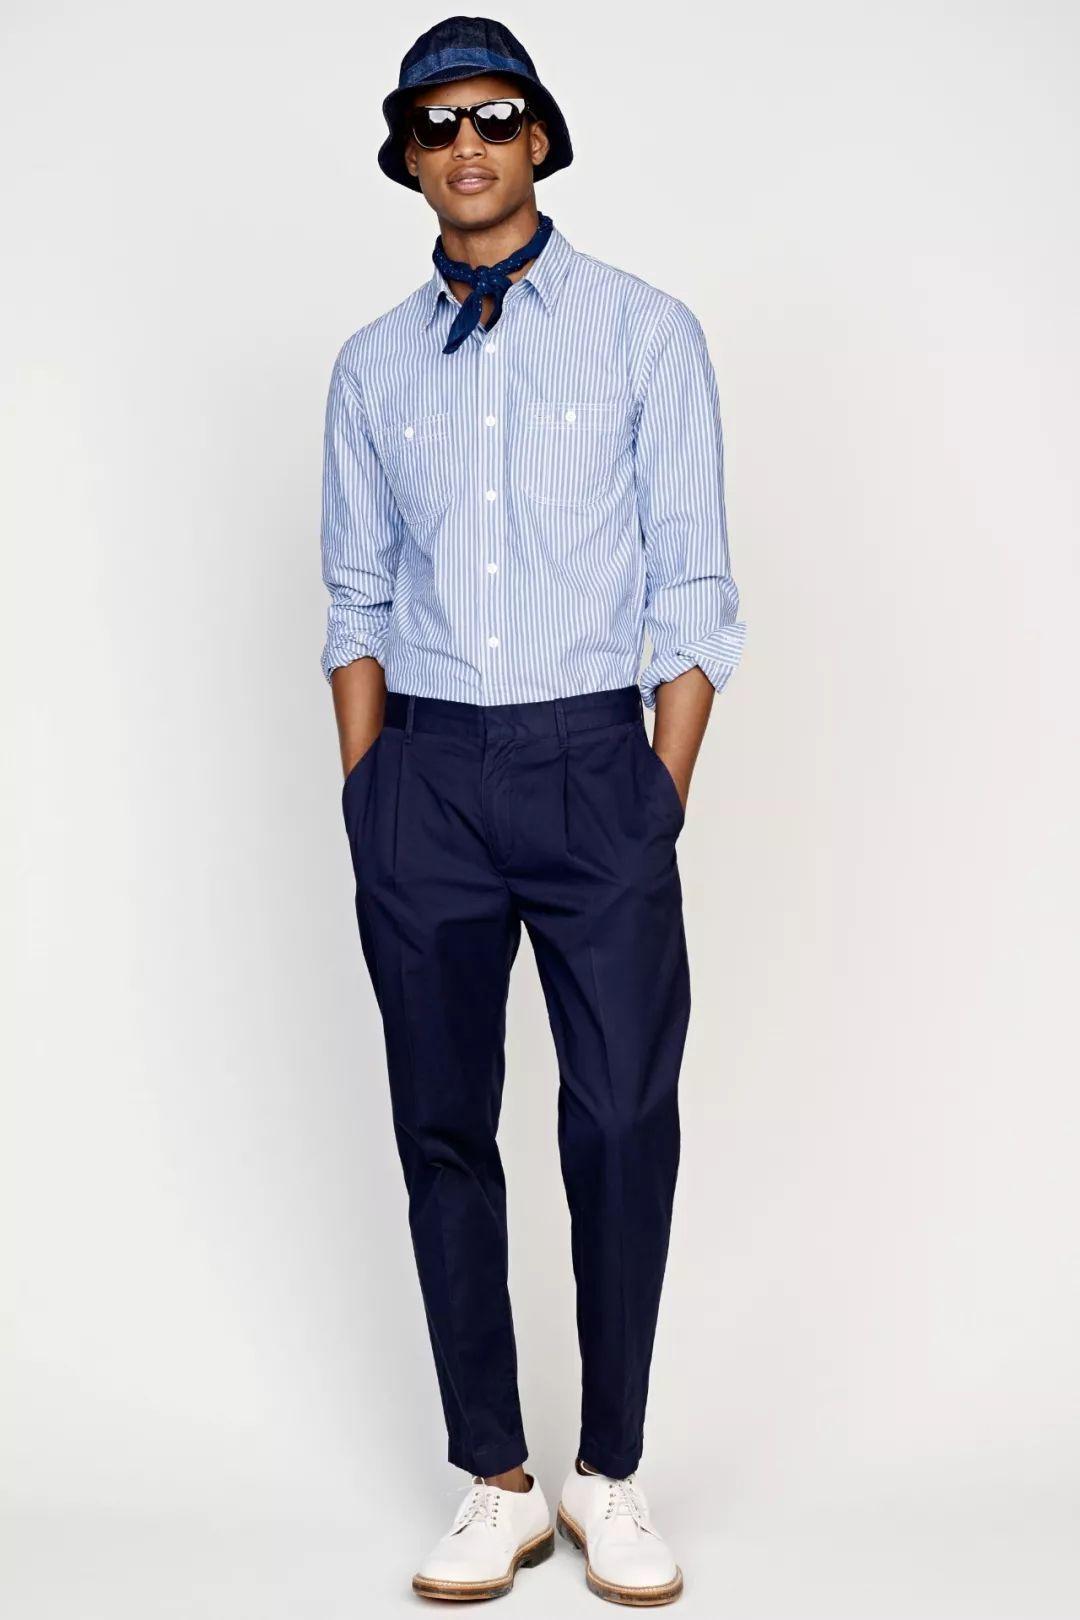 拒绝油腻男,一件蓝条纹衬衫就够了